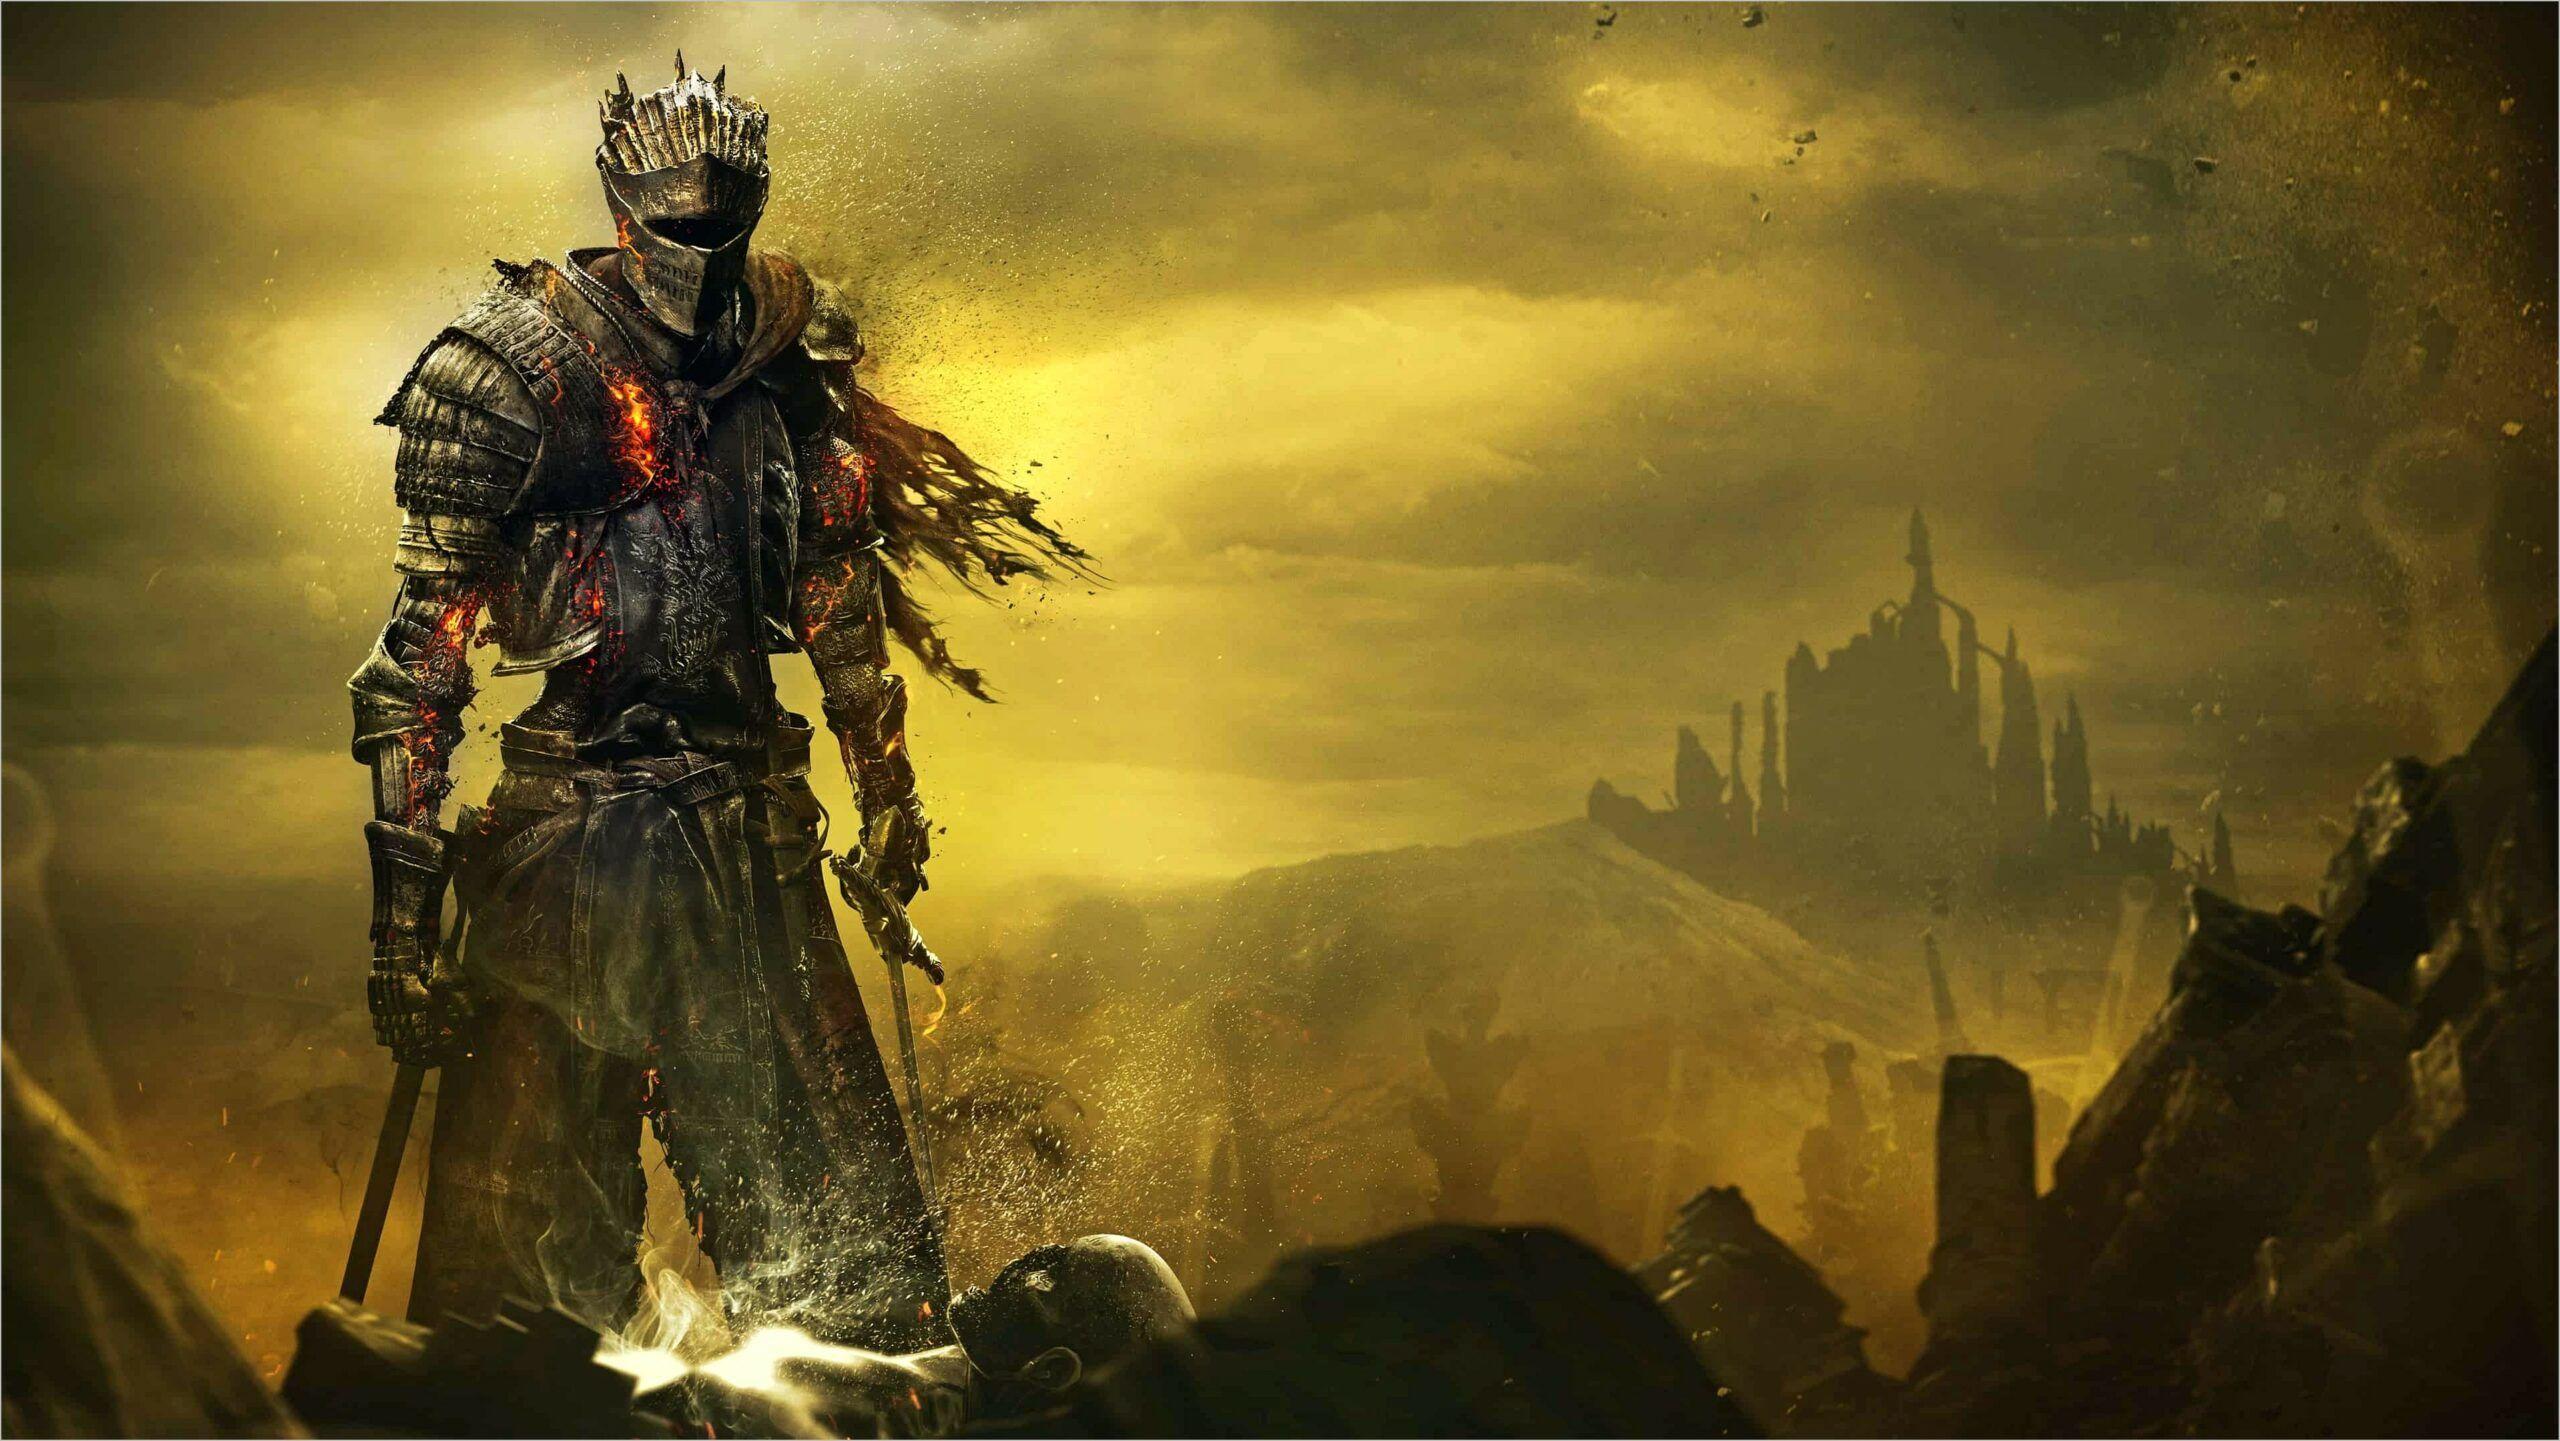 Wallpaper Dark Souls 4k In 2020 Dark Souls Dark Souls 3 Beautiful Wallpapers